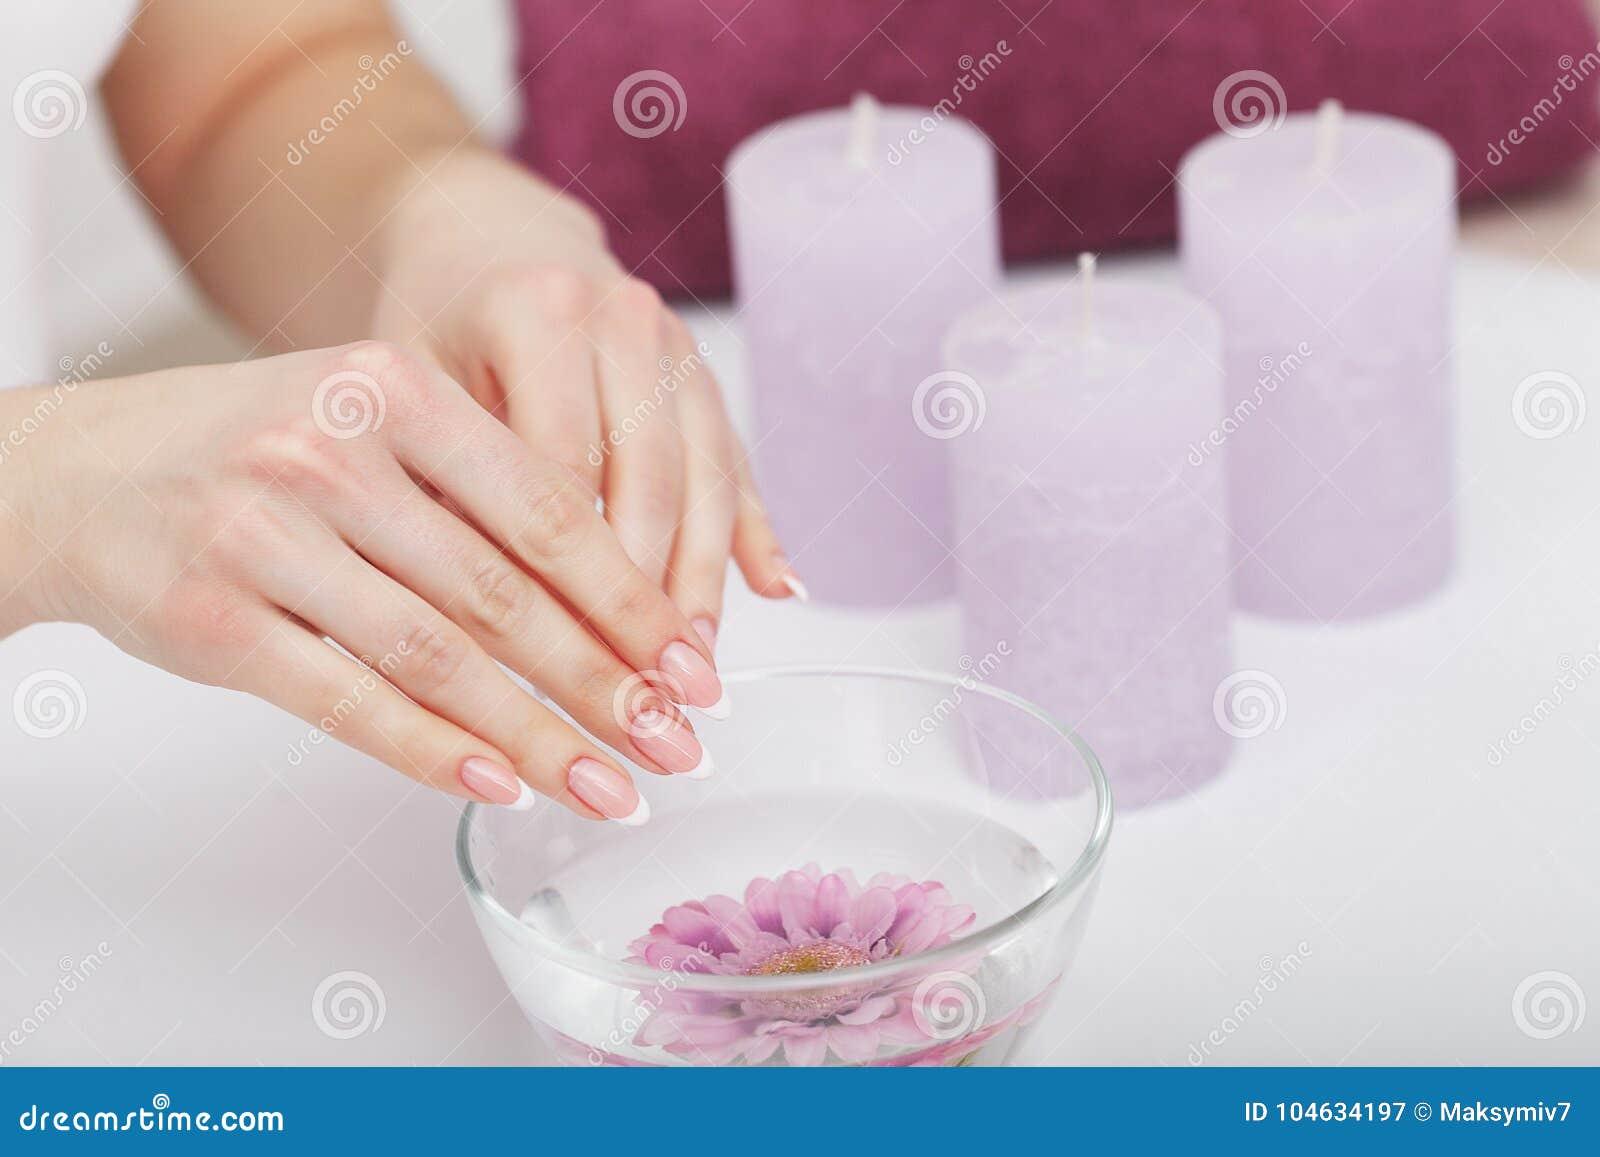 Download Mooie Manicure Met Orchidee, Kaars En Handdoek Op Witte Wo Stock Afbeelding - Afbeelding bestaande uit handdoek, geur: 104634197